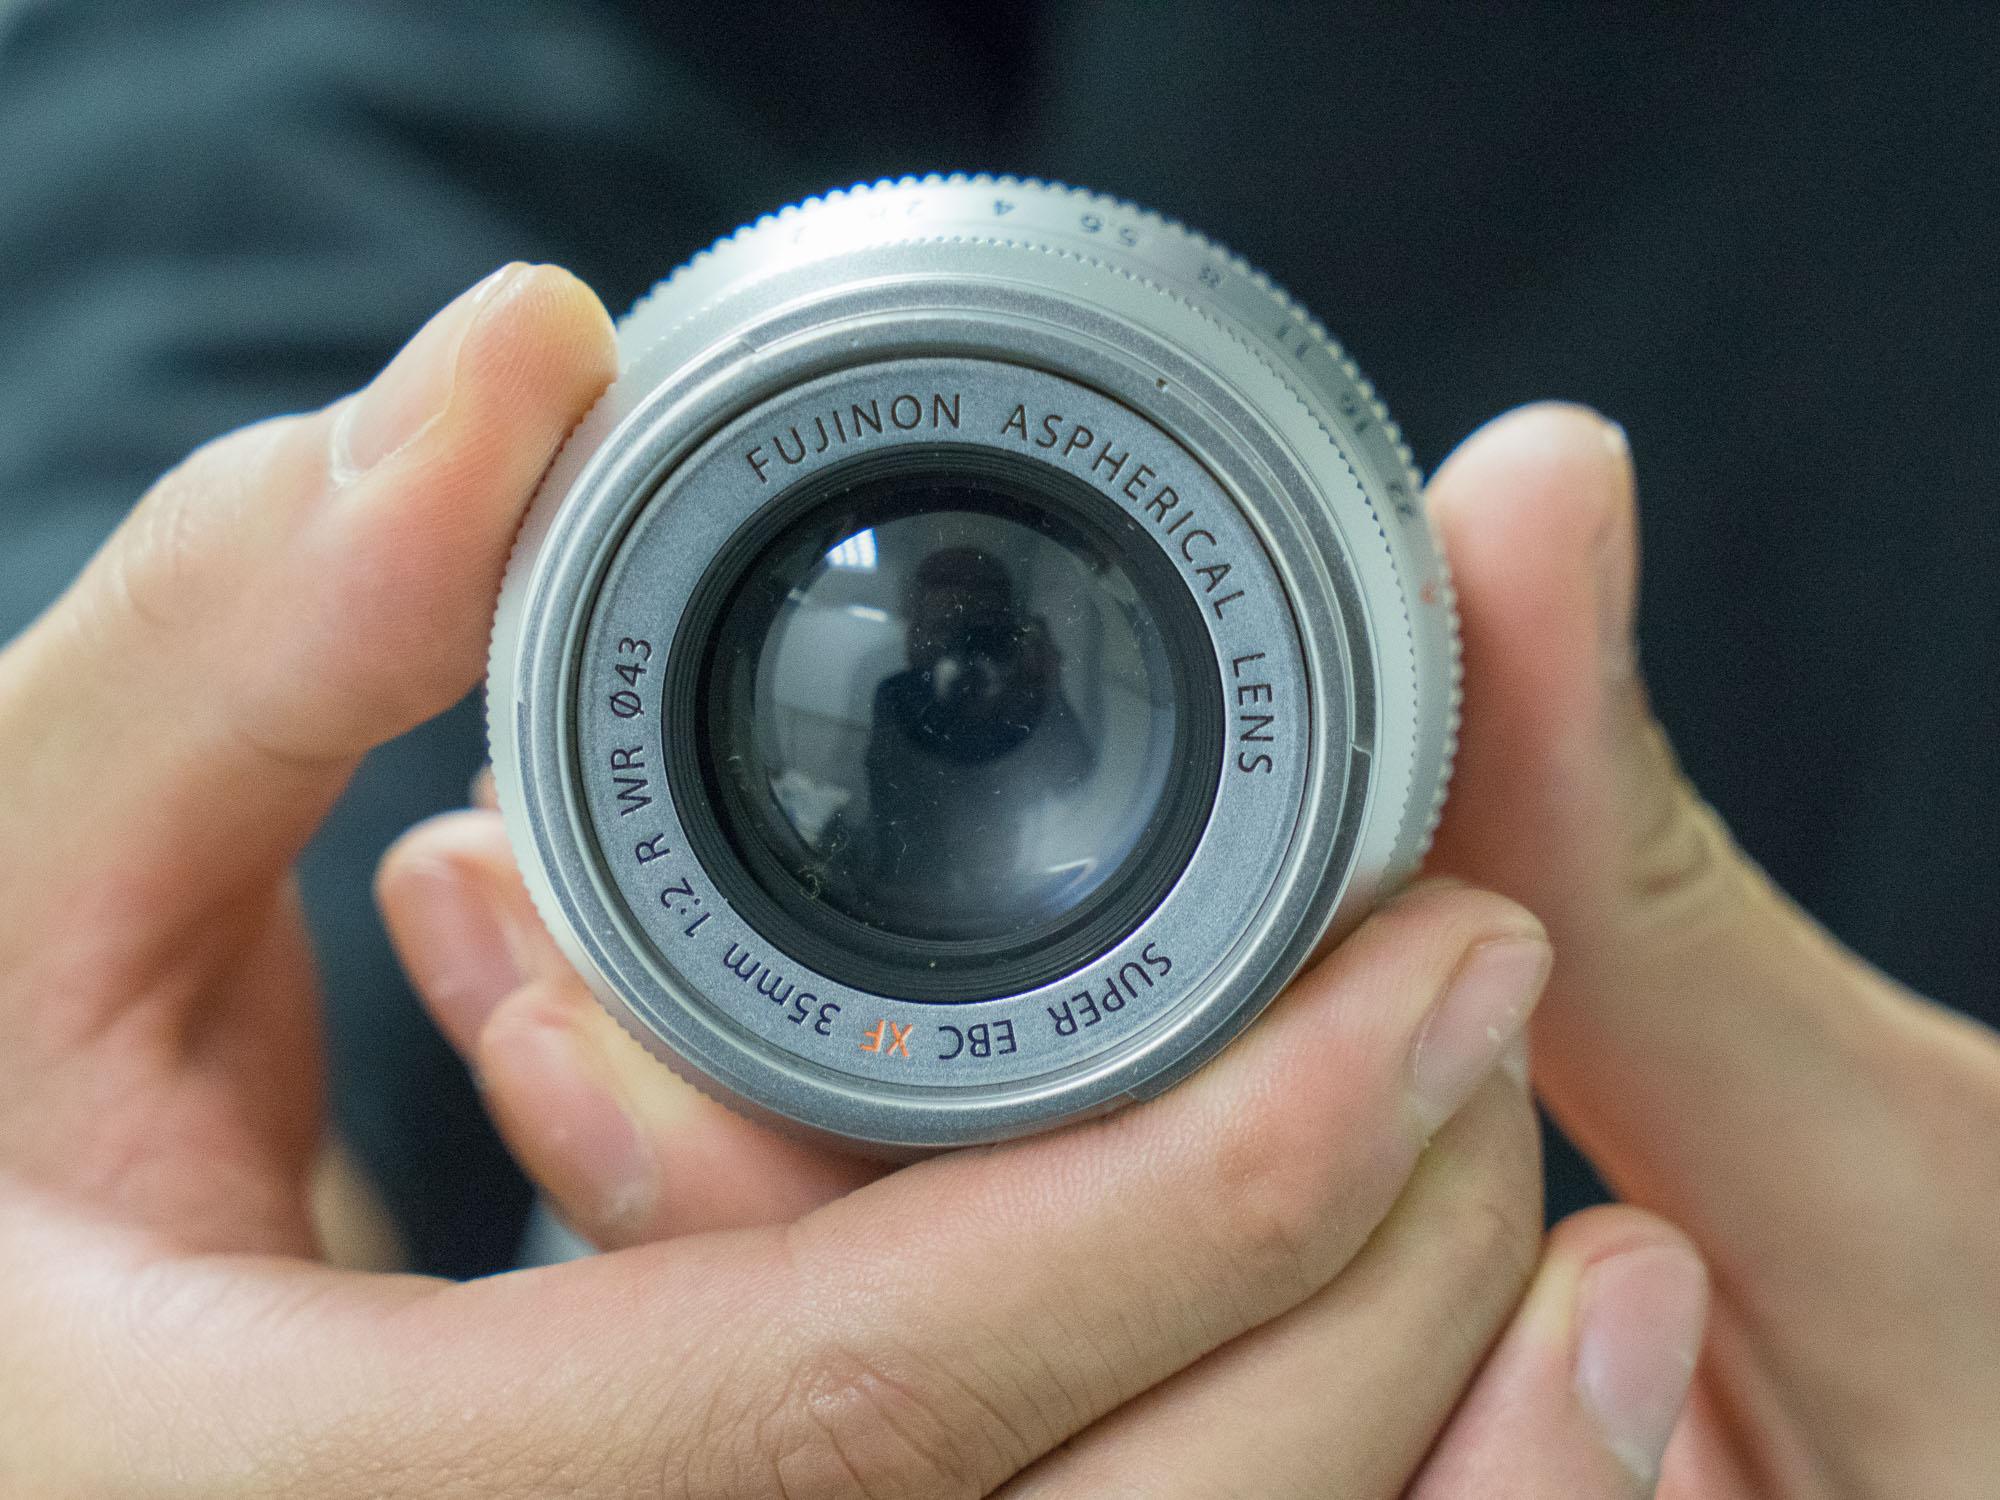 CP+ 2015: Fujifilm shows prototype roadmap lenses: Digital